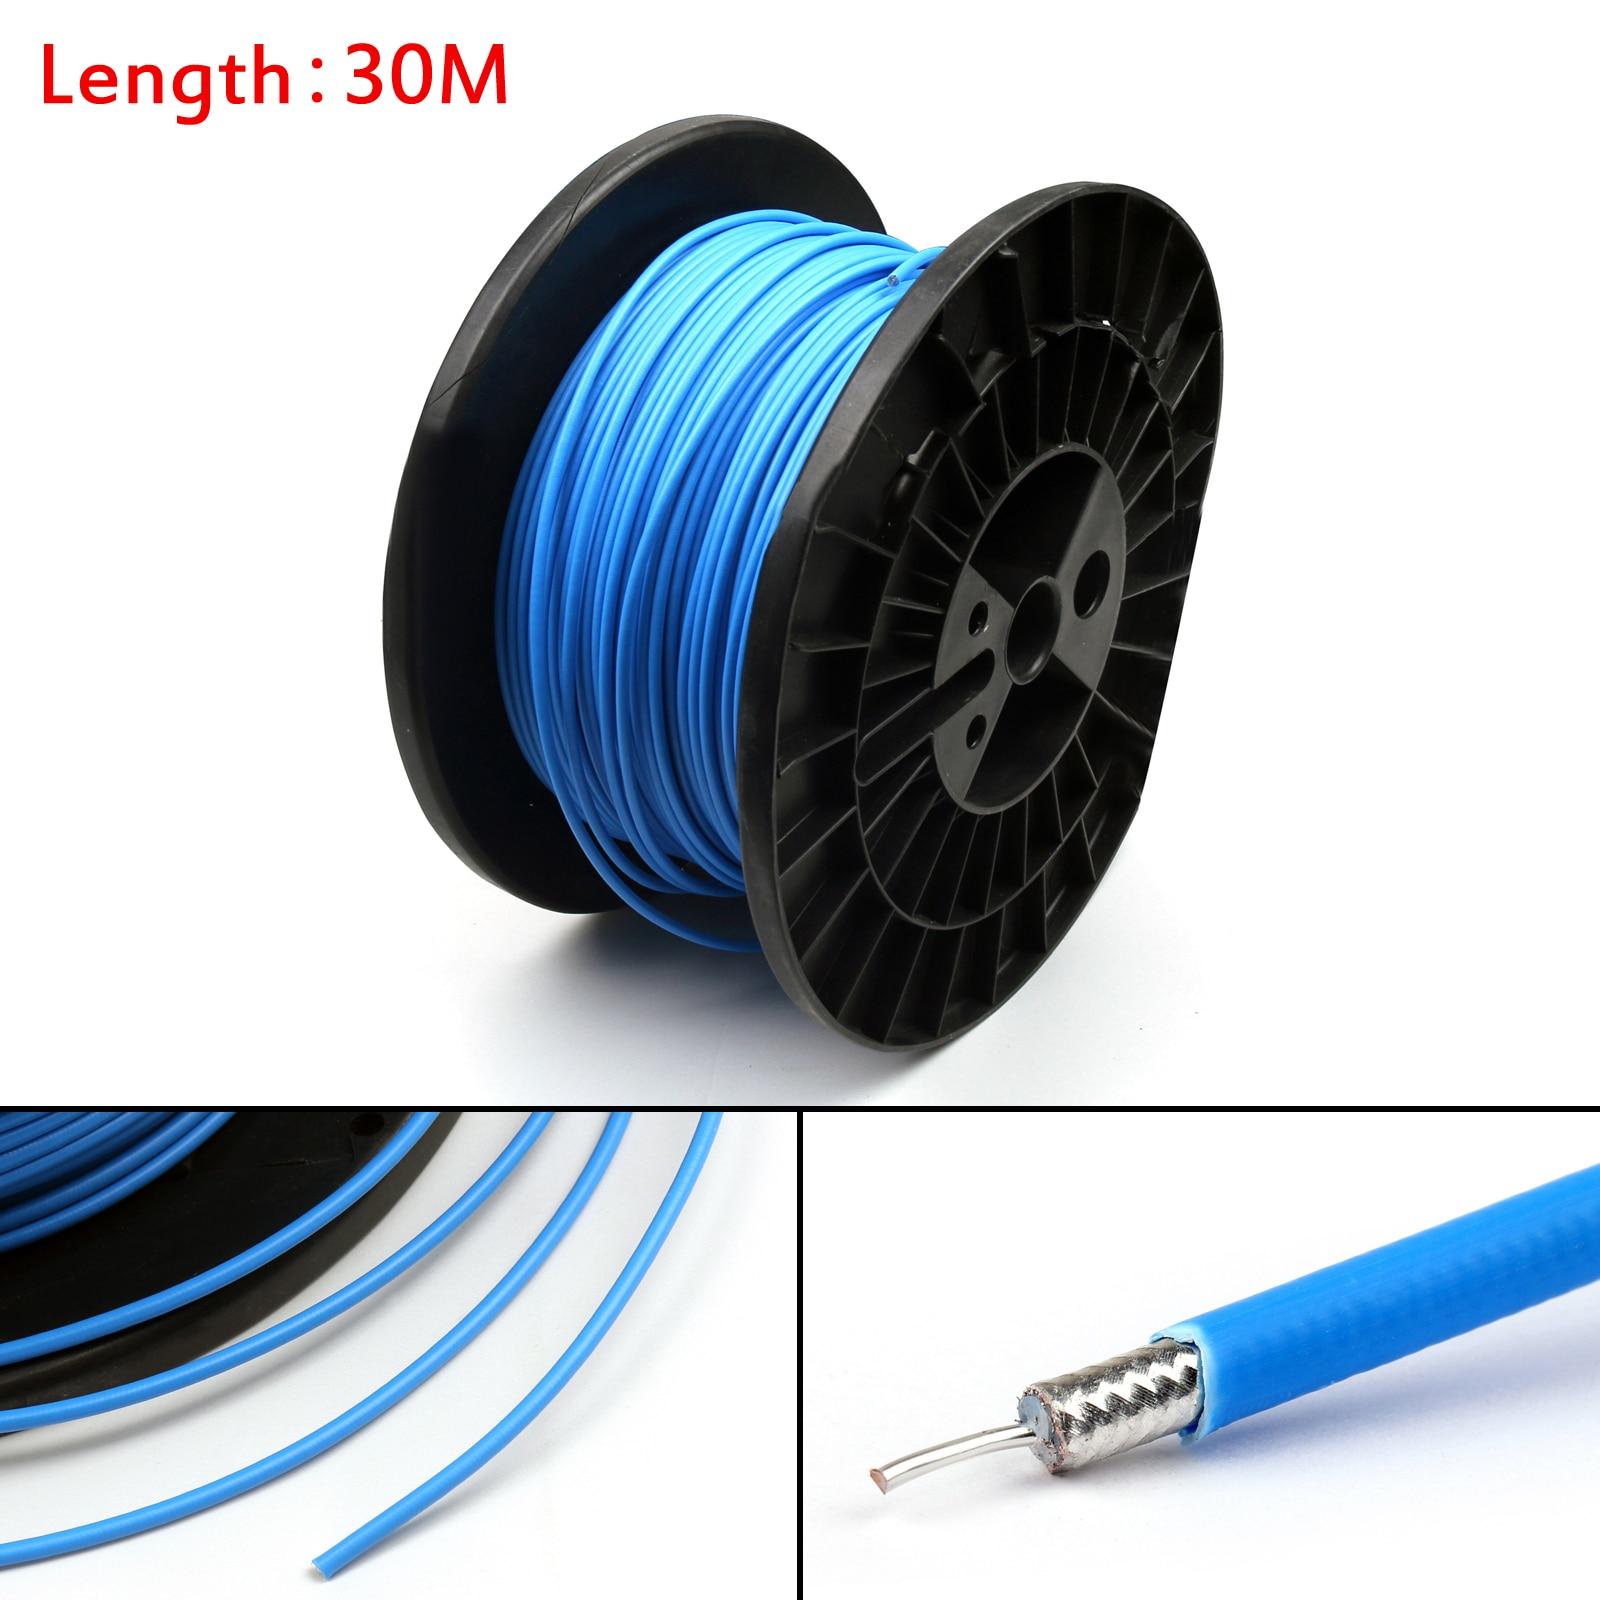 Areyourshop RG402 Cable Coaxial RF conector Semi-rígido RG-402 Coaxial flexible 10m 30m nuevo Cable conector